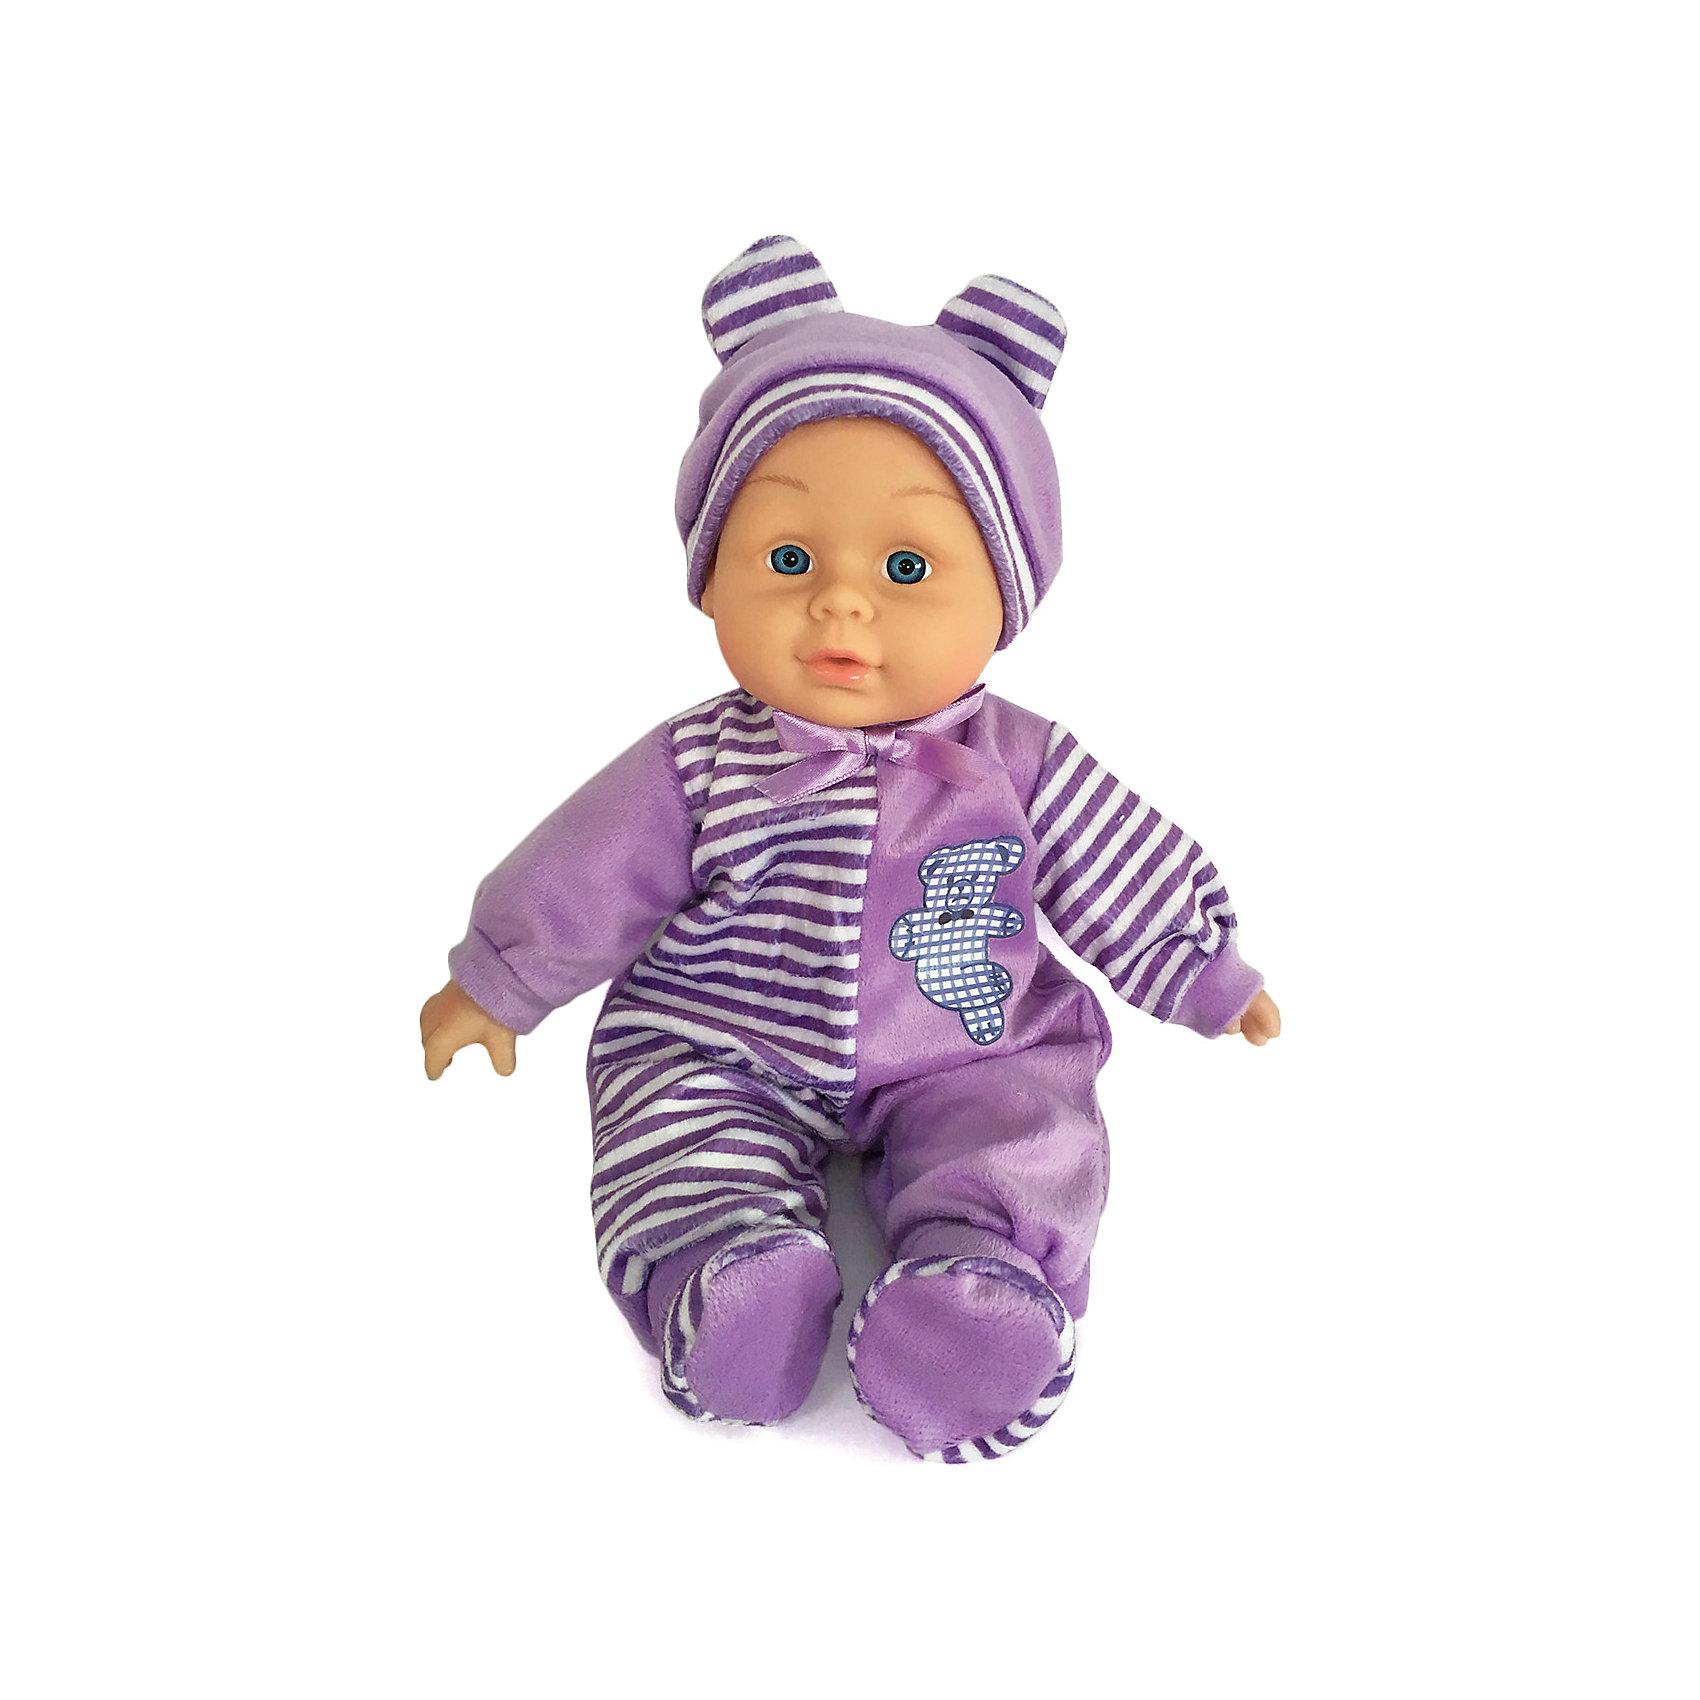 Пупс мягкий 30 см Мой малыш, Shantou GepaiКуклы-пупсы<br>Пупс мягкий 30 см Мой малыш, Shantou Gepai - это интересная кукла выглядит как настоящий малыш! Кукла одета в красивый фиолетово-белый зимний костюмчик, а на голове малышки стильная сиреневая шапочка. Тело мягконабивное, что безопасно и приятно на ощупь. Если нажать на животик куклы, то она будет смеяться или плакать, сможет сказать мама и папа. Нейтральное выражения лица пупса поможет ребенку придумать множество своих сценариев и чувств куклы, закладывая фундамент социальных навыков и социального развития. Играя с куклами дети познают человека, как с физиологической, так и с стороны общения между людьми, развивается моторика рук, внимание, воображение, такие игры положительно влияют на психологическое развитие. <br><br>Дополнительная информация:<br><br>- В комплект входит: 1 кукла в одежде<br>- Материал: текстиль, пластик <br>- Размер пупса: 30 см<br><br>Пупса мягкого 30 см Мой малыш, Shantou Gepai можно купить в нашем интернет-магазине.<br><br>Подробнее:<br>• Для детей в возрасте: от 2 до 6 лет<br>• Номер товара: 4925588<br>Страна производитель: Китай<br><br>Ширина мм: 200<br>Глубина мм: 100<br>Высота мм: 370<br>Вес г: 729<br>Возраст от месяцев: 36<br>Возраст до месяцев: 120<br>Пол: Женский<br>Возраст: Детский<br>SKU: 4925588